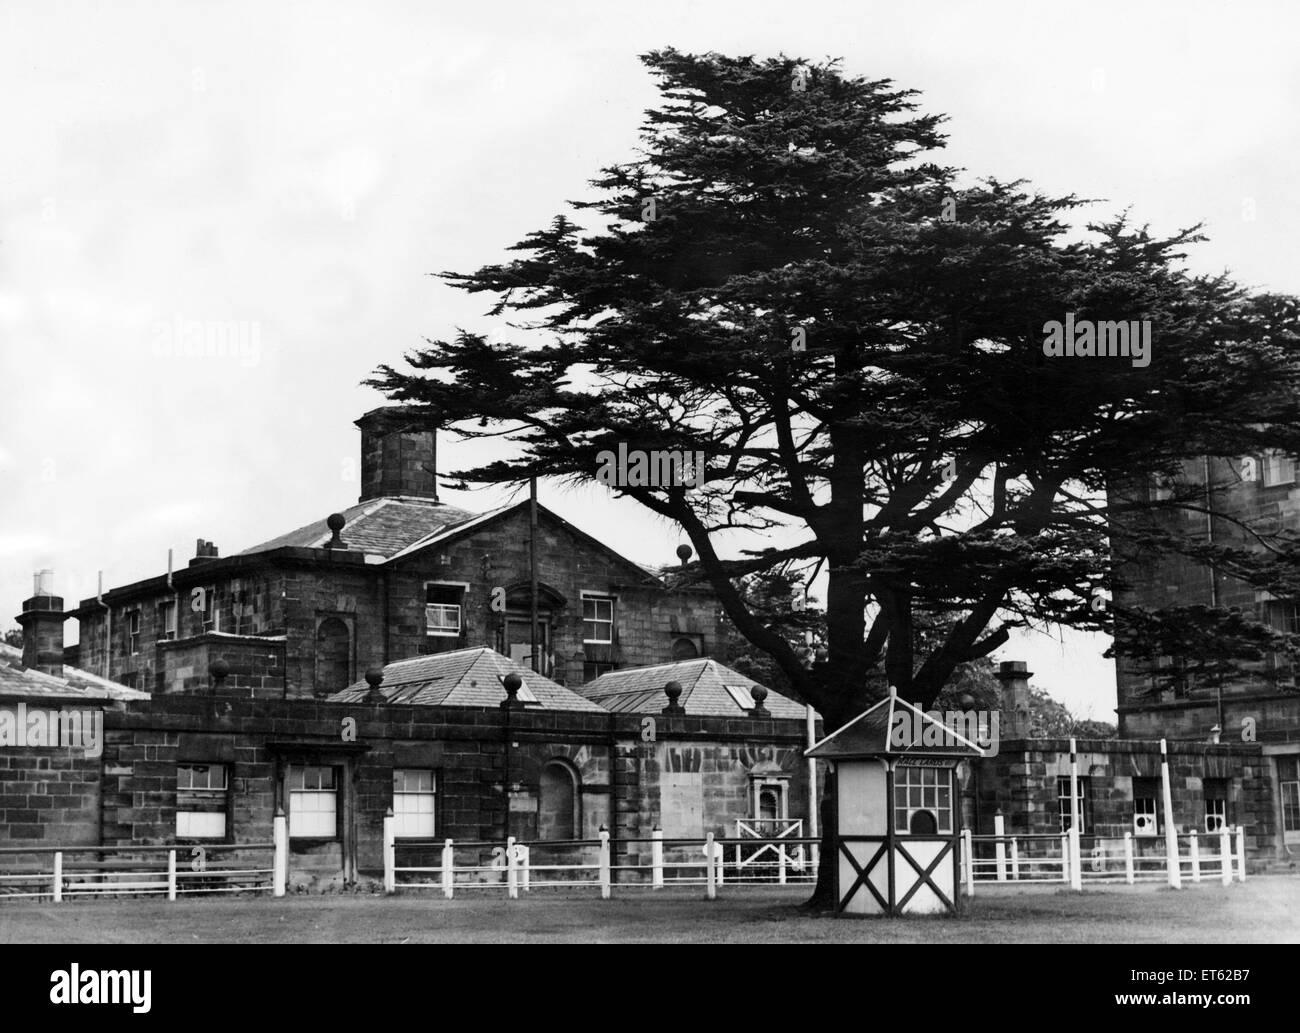 Gosforth Park Racecourse. 20 de junio de 1947. Imagen De Stock